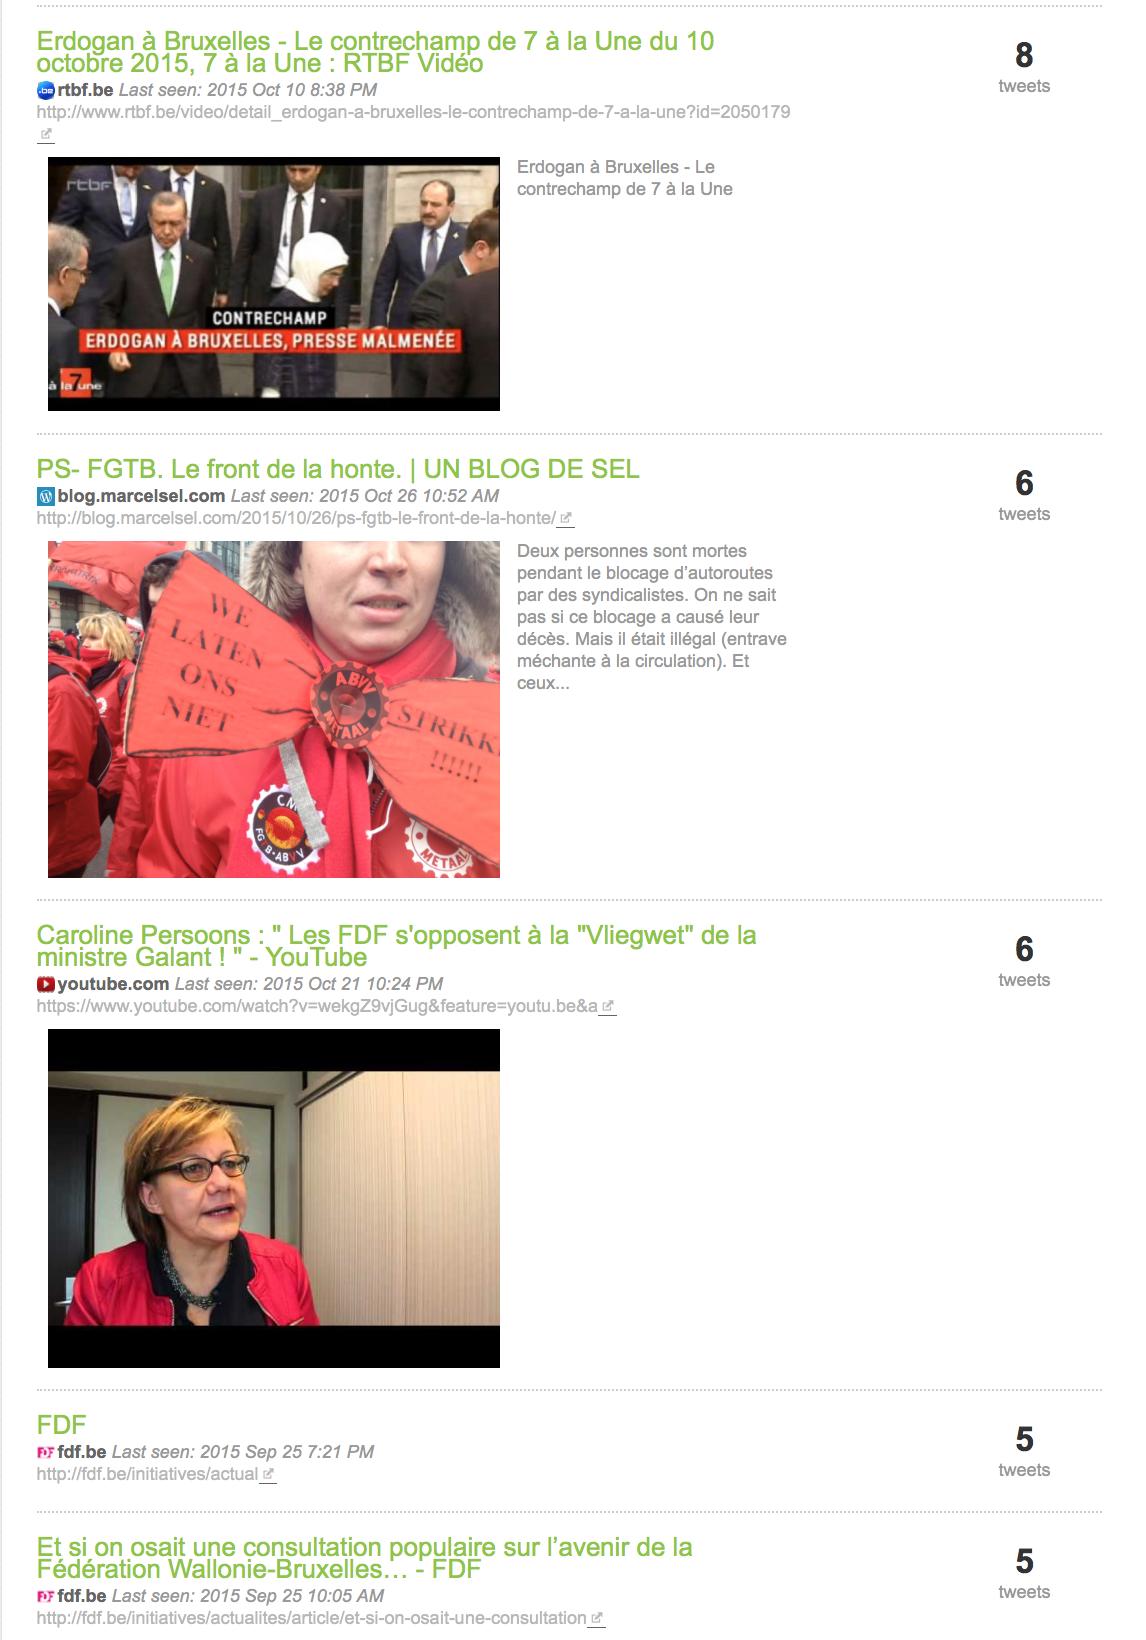 Capture d'ecran 2015-11-11 à 13.15.41